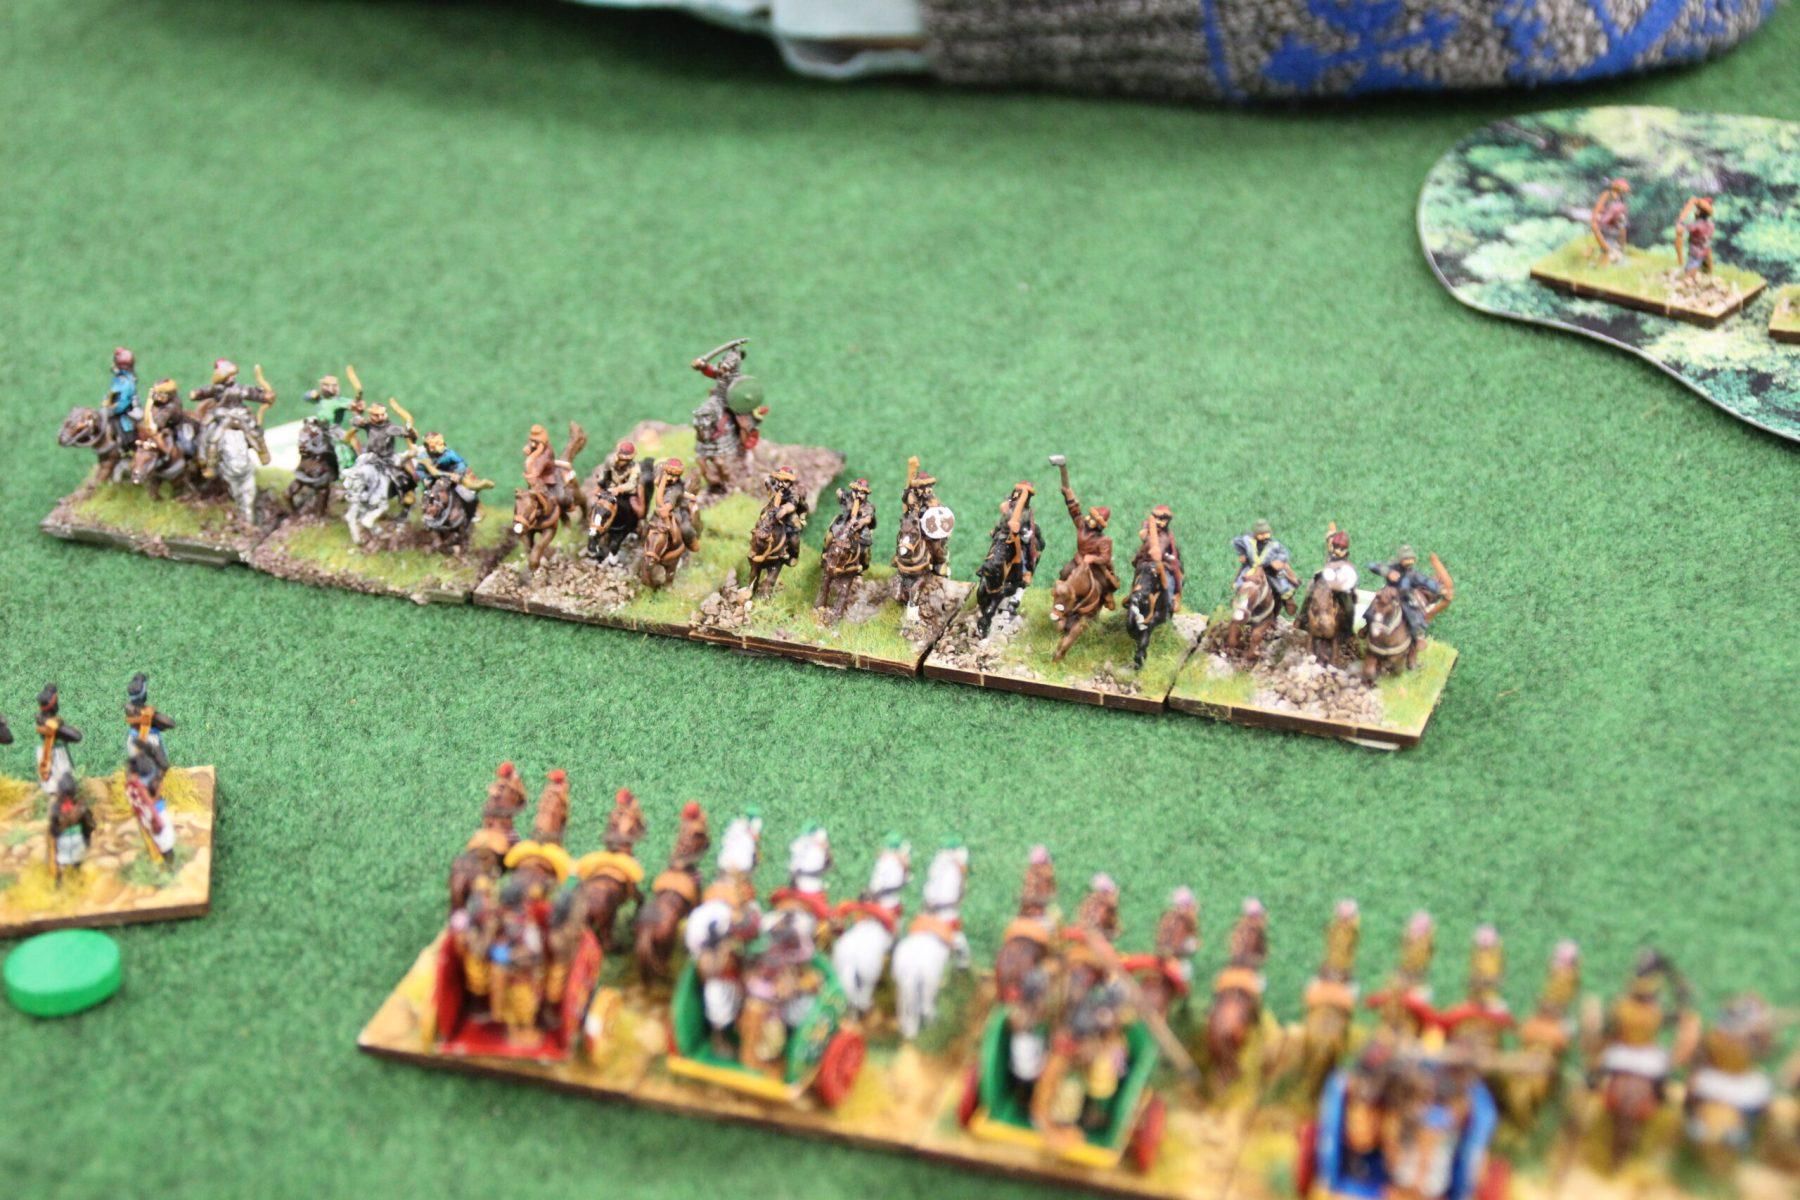 Les chars lourds impétueux élite des Indiens essaye de rattraper la cavalerie Huns.